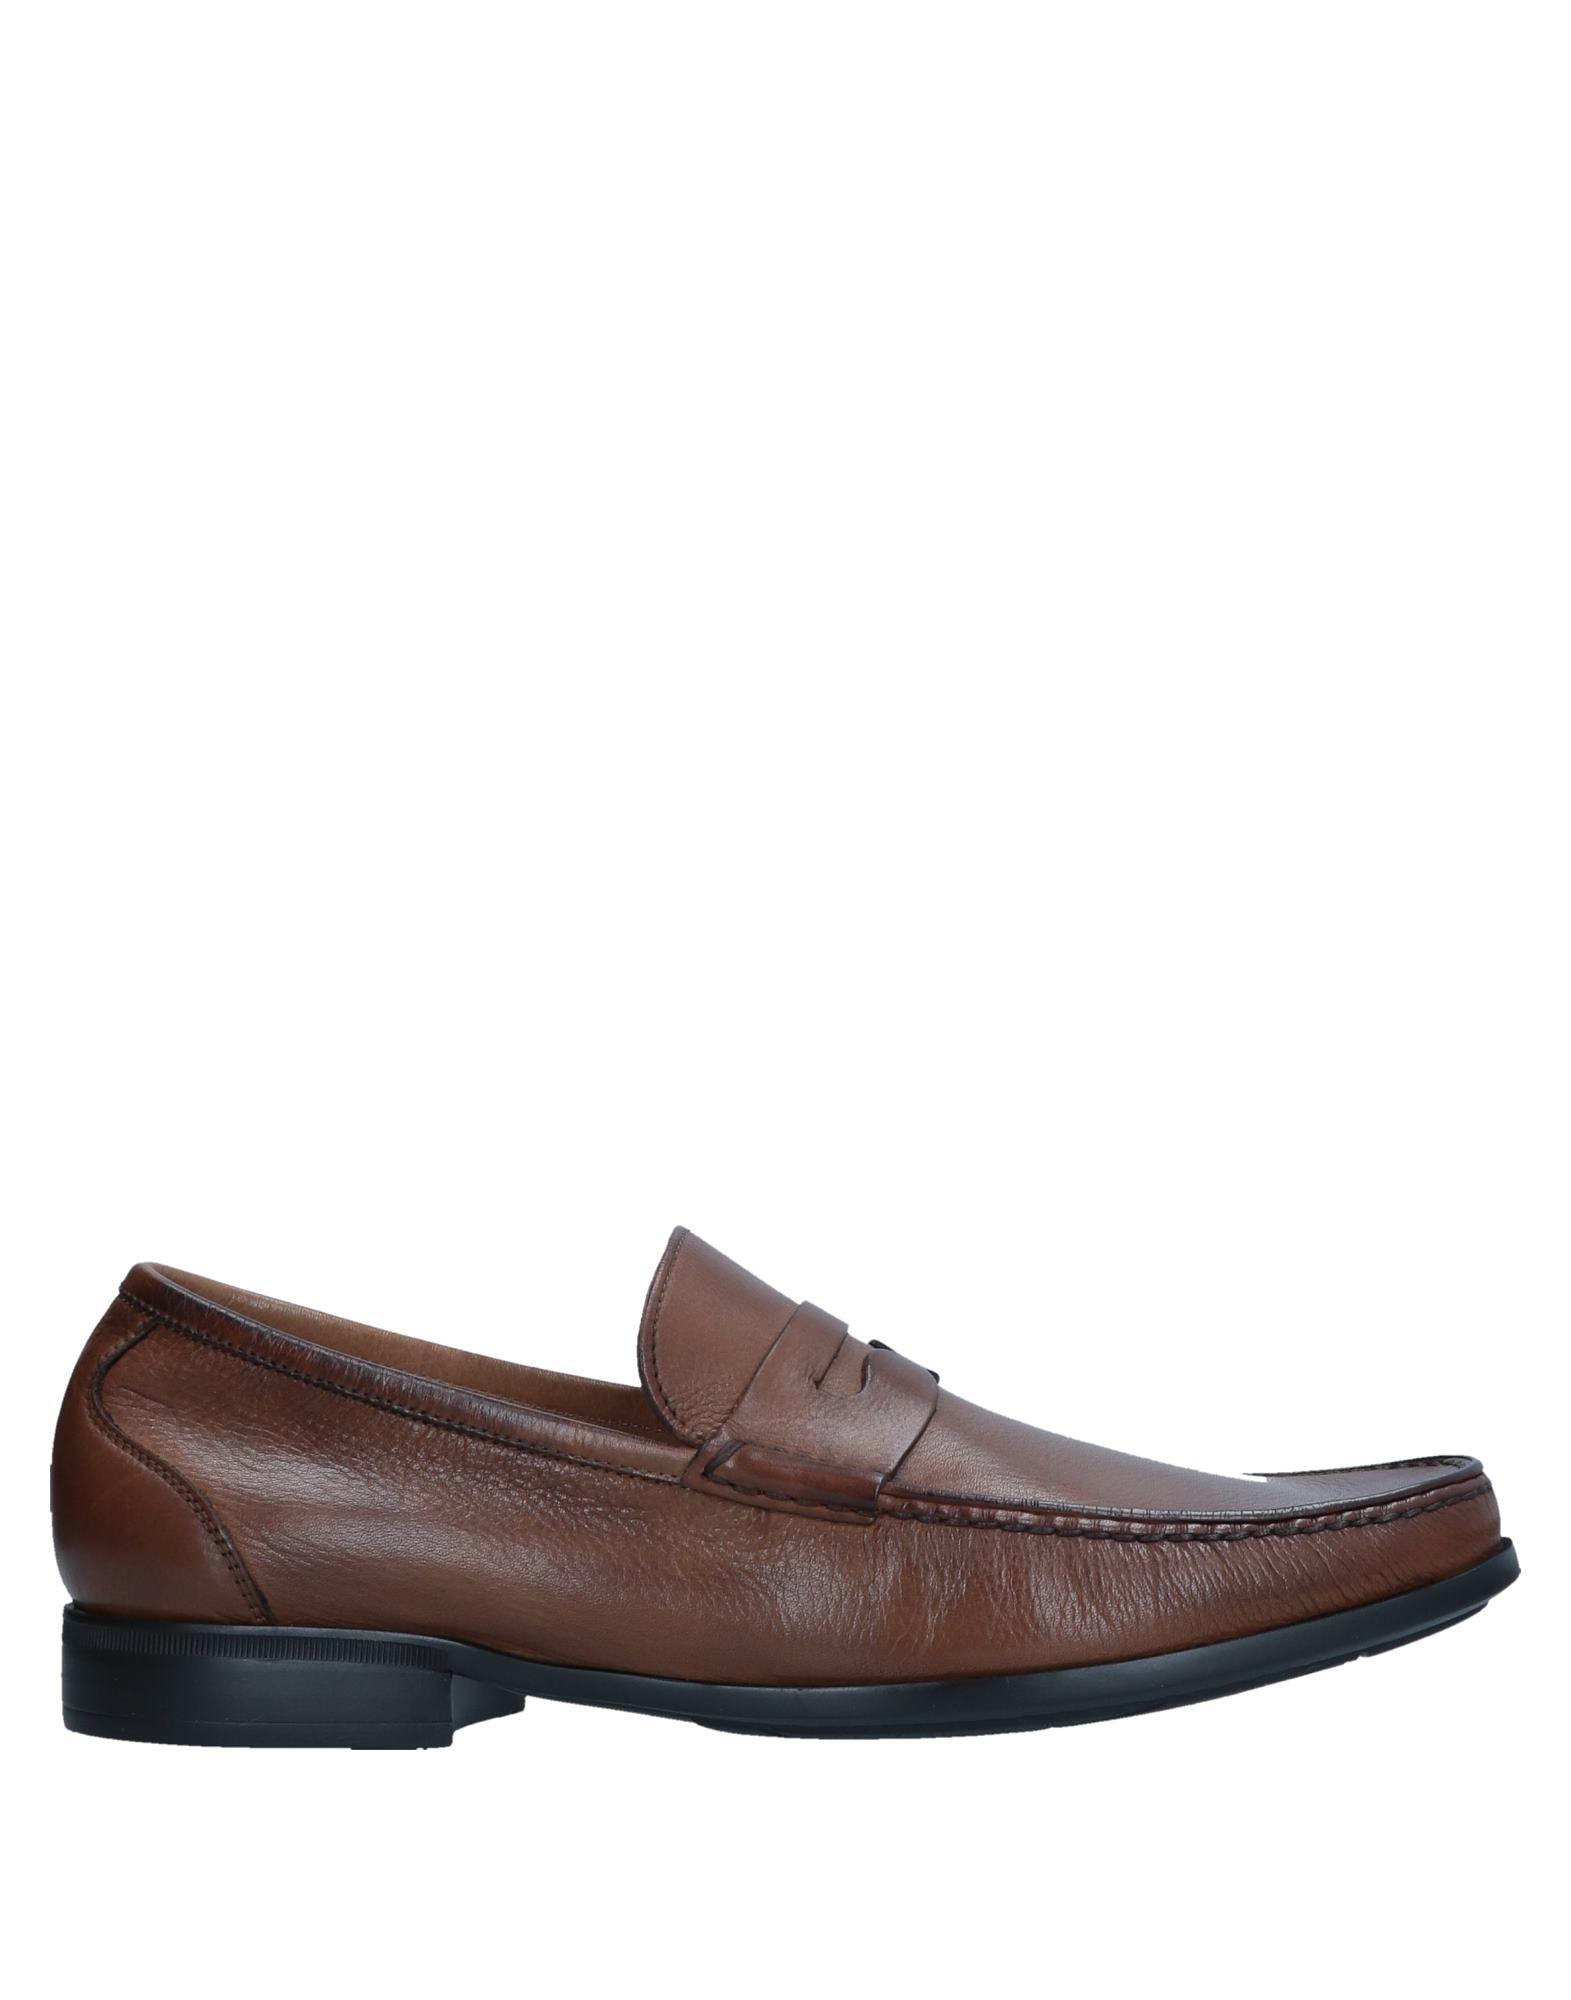 Rabatt echte Schuhe Today By Calpierre Mokassins Herren  11551611LC